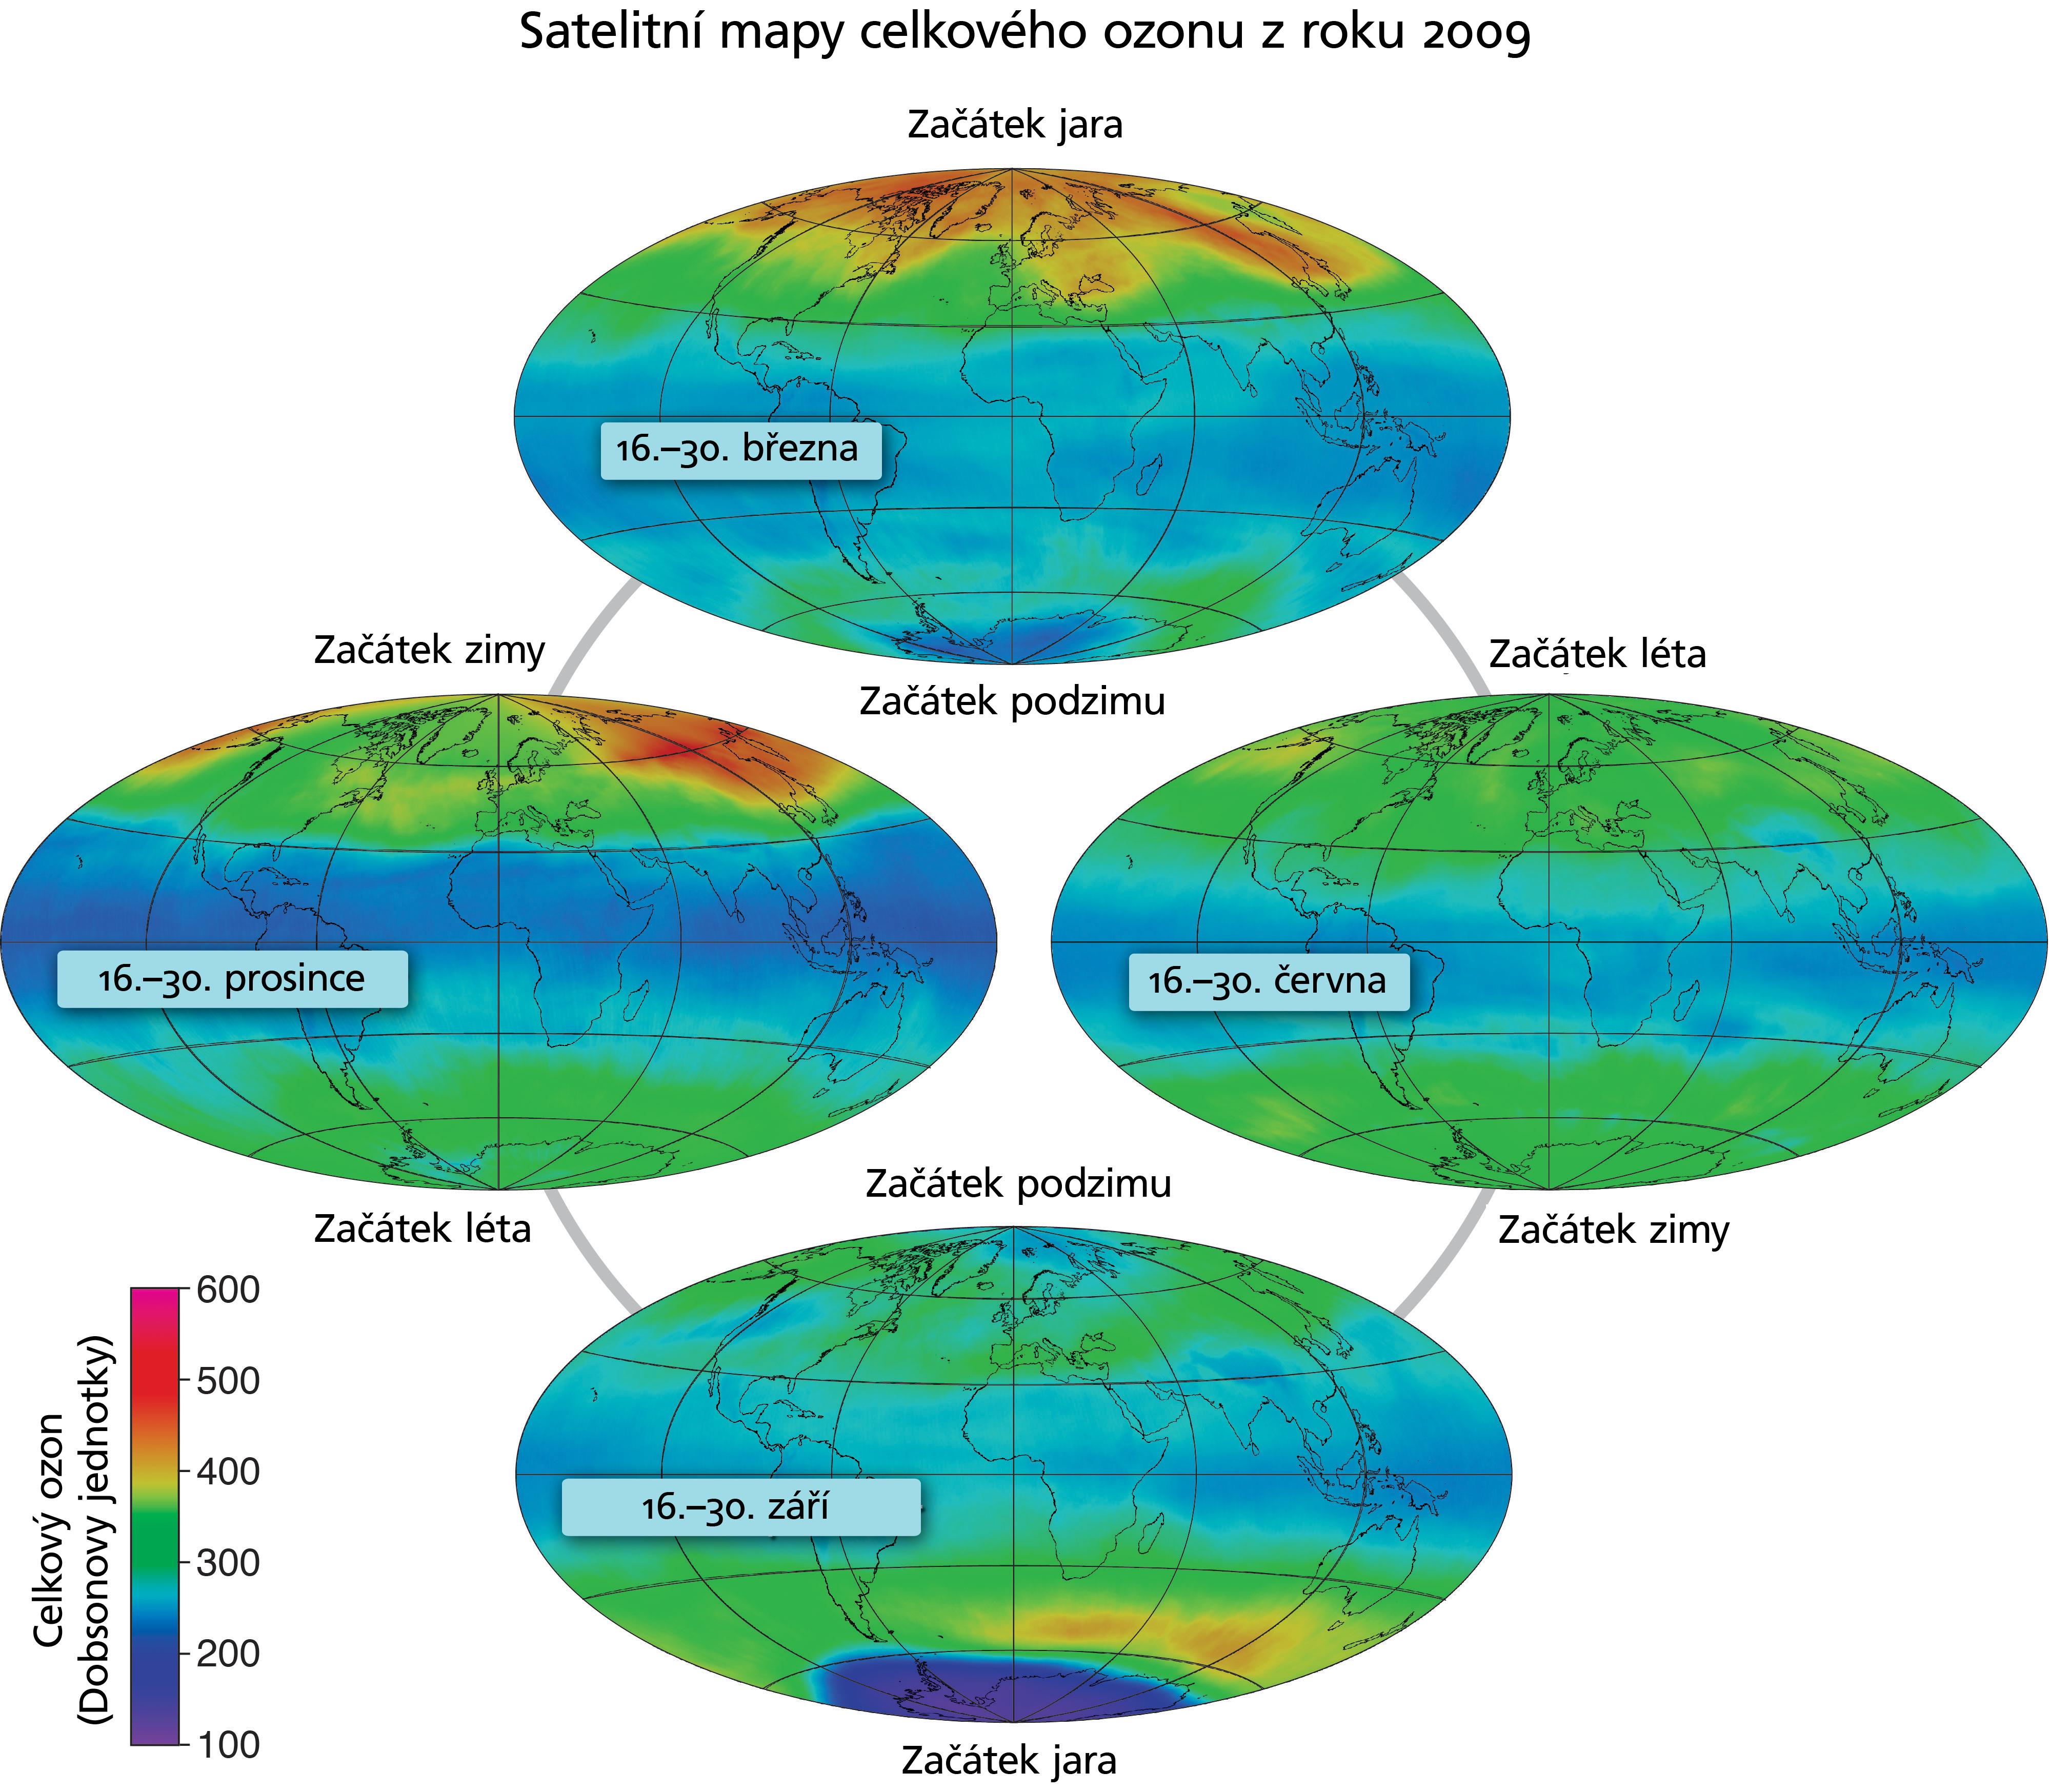 Rozložení množství ozonu na světě v roce 2009